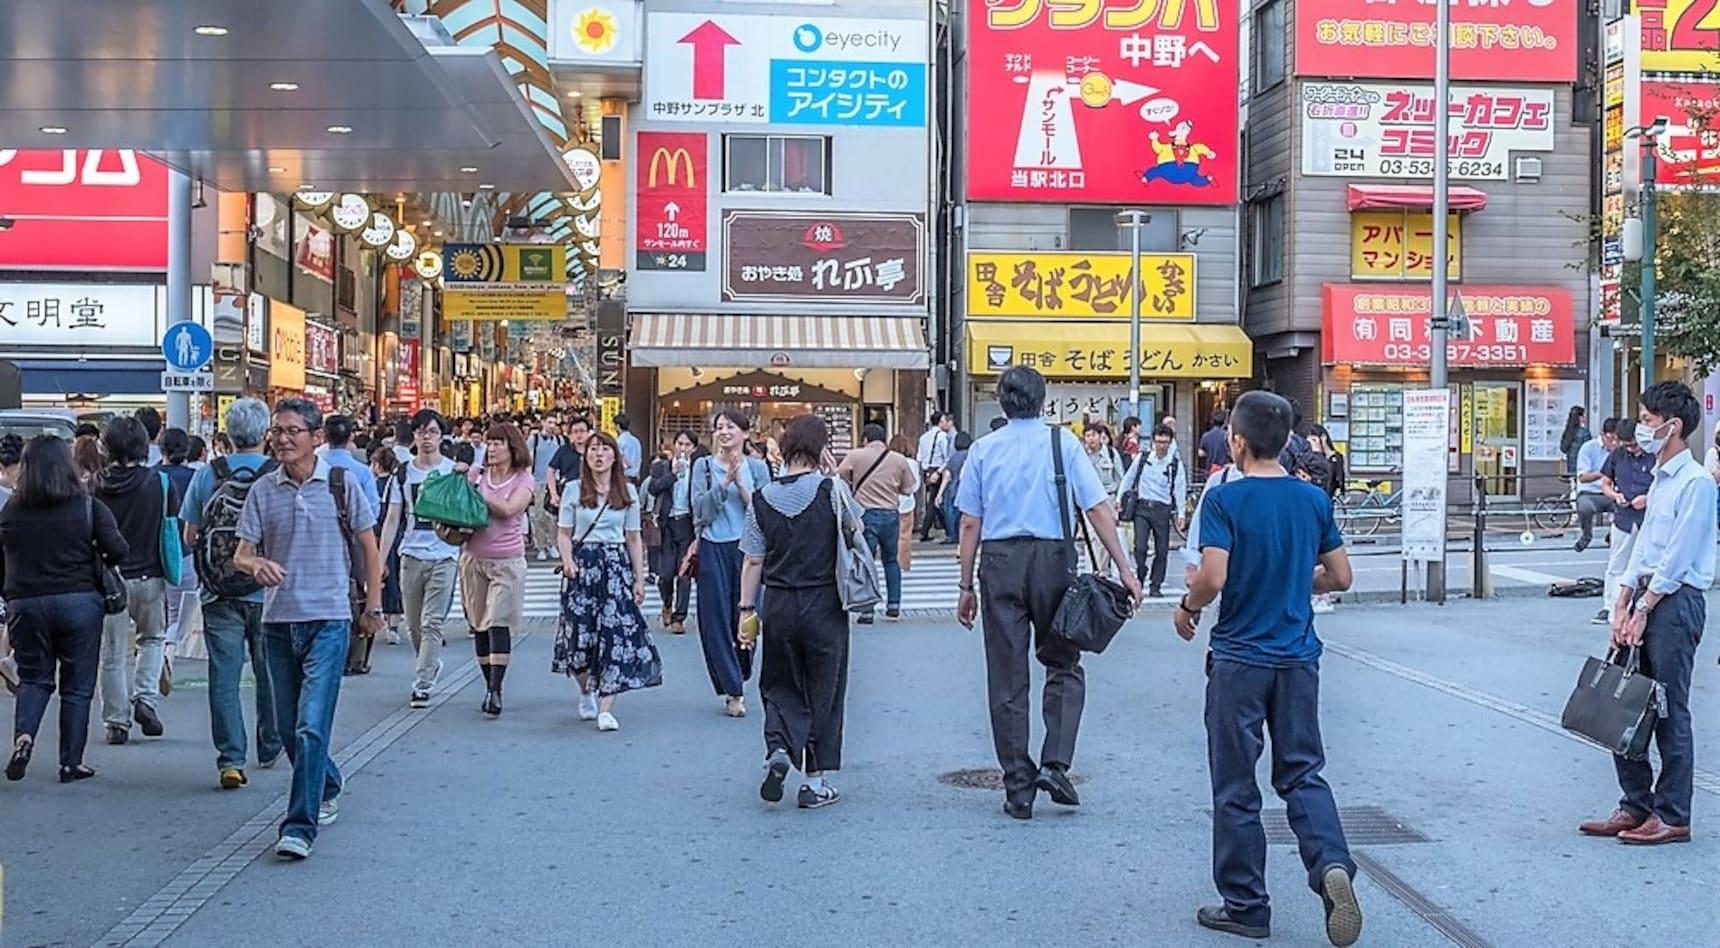 【東京美食】不再只是小秋葉原!中野平價美食看這裡